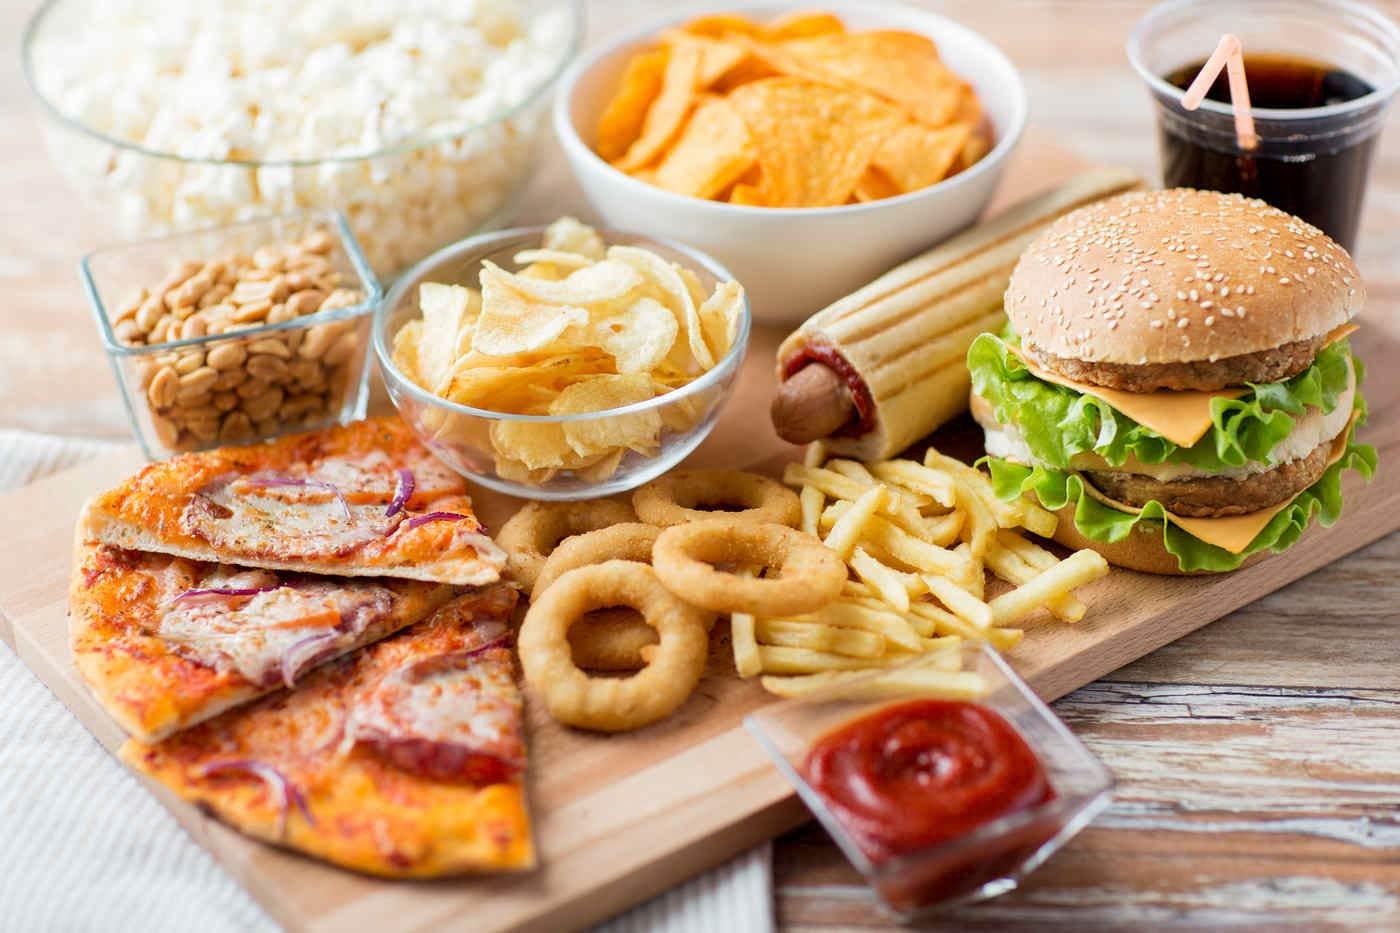 Alimentele procesate cresc riscul de diabet de tip 2? [studiu]